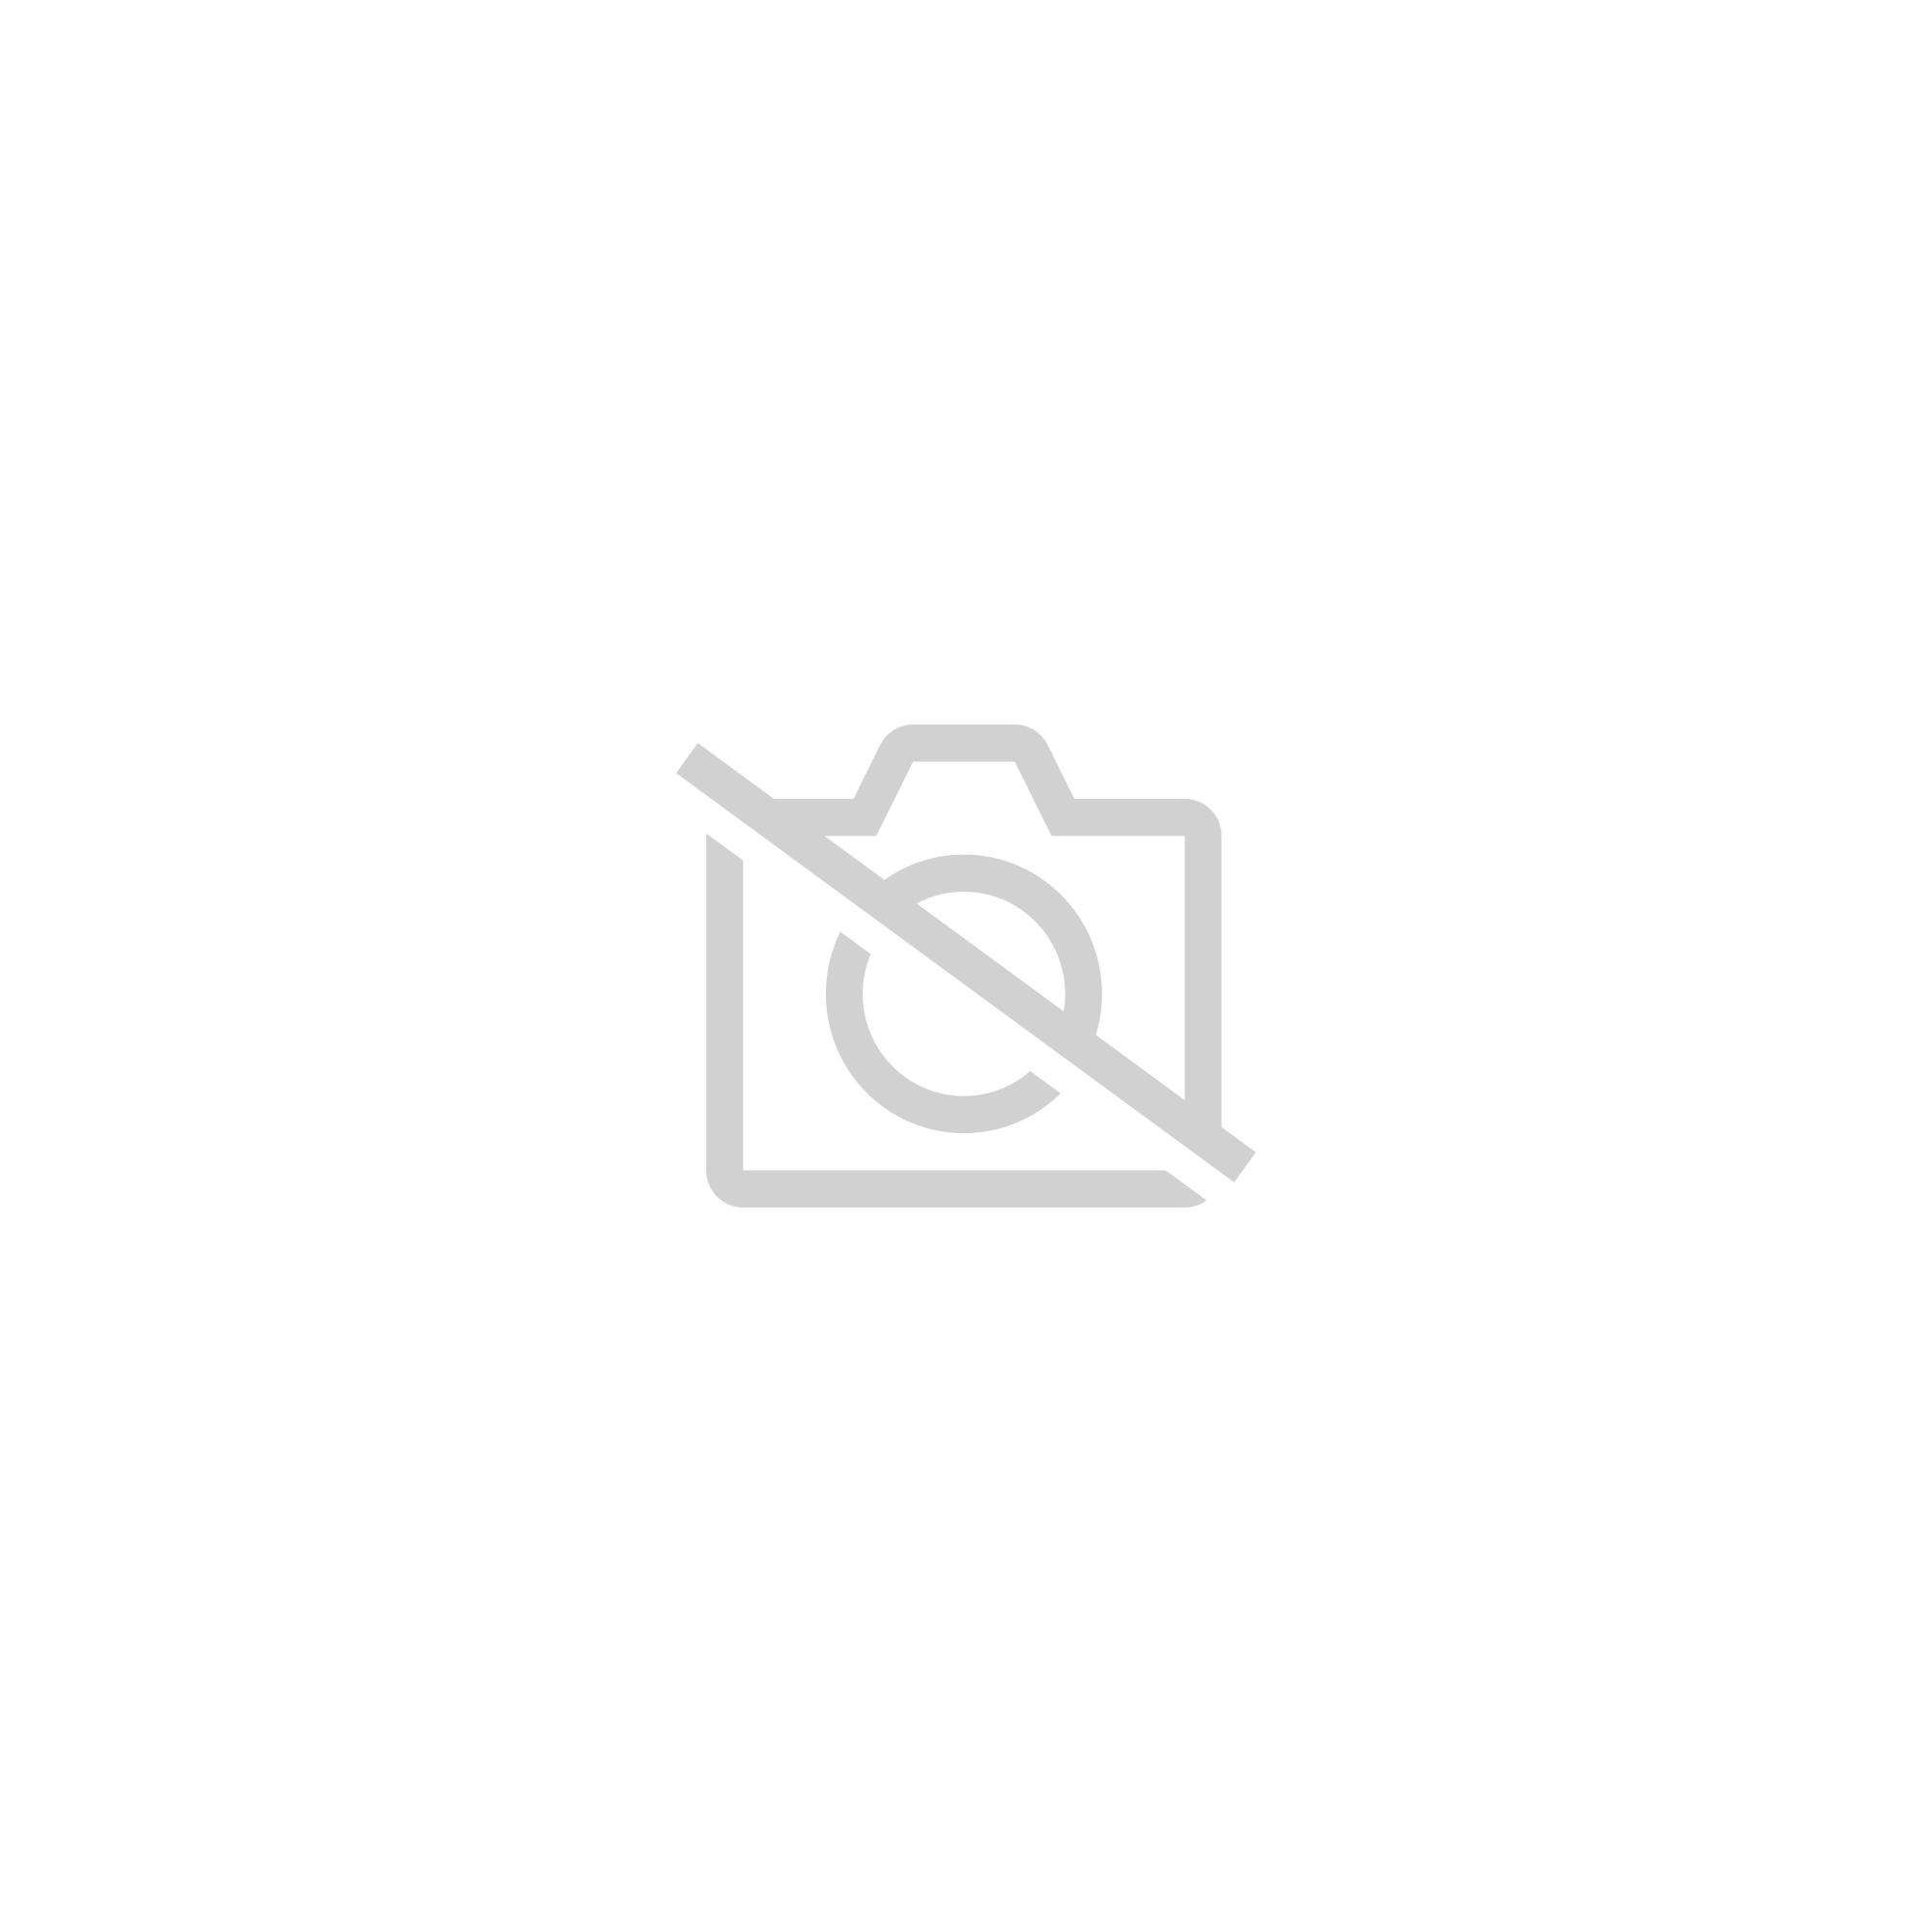 Bracelet Apple Watch 38mm Silicone Souple Bracelet De Remplacement Pour Iwatch Série 3/2/1 Motif Rayures - Noir Et Orange